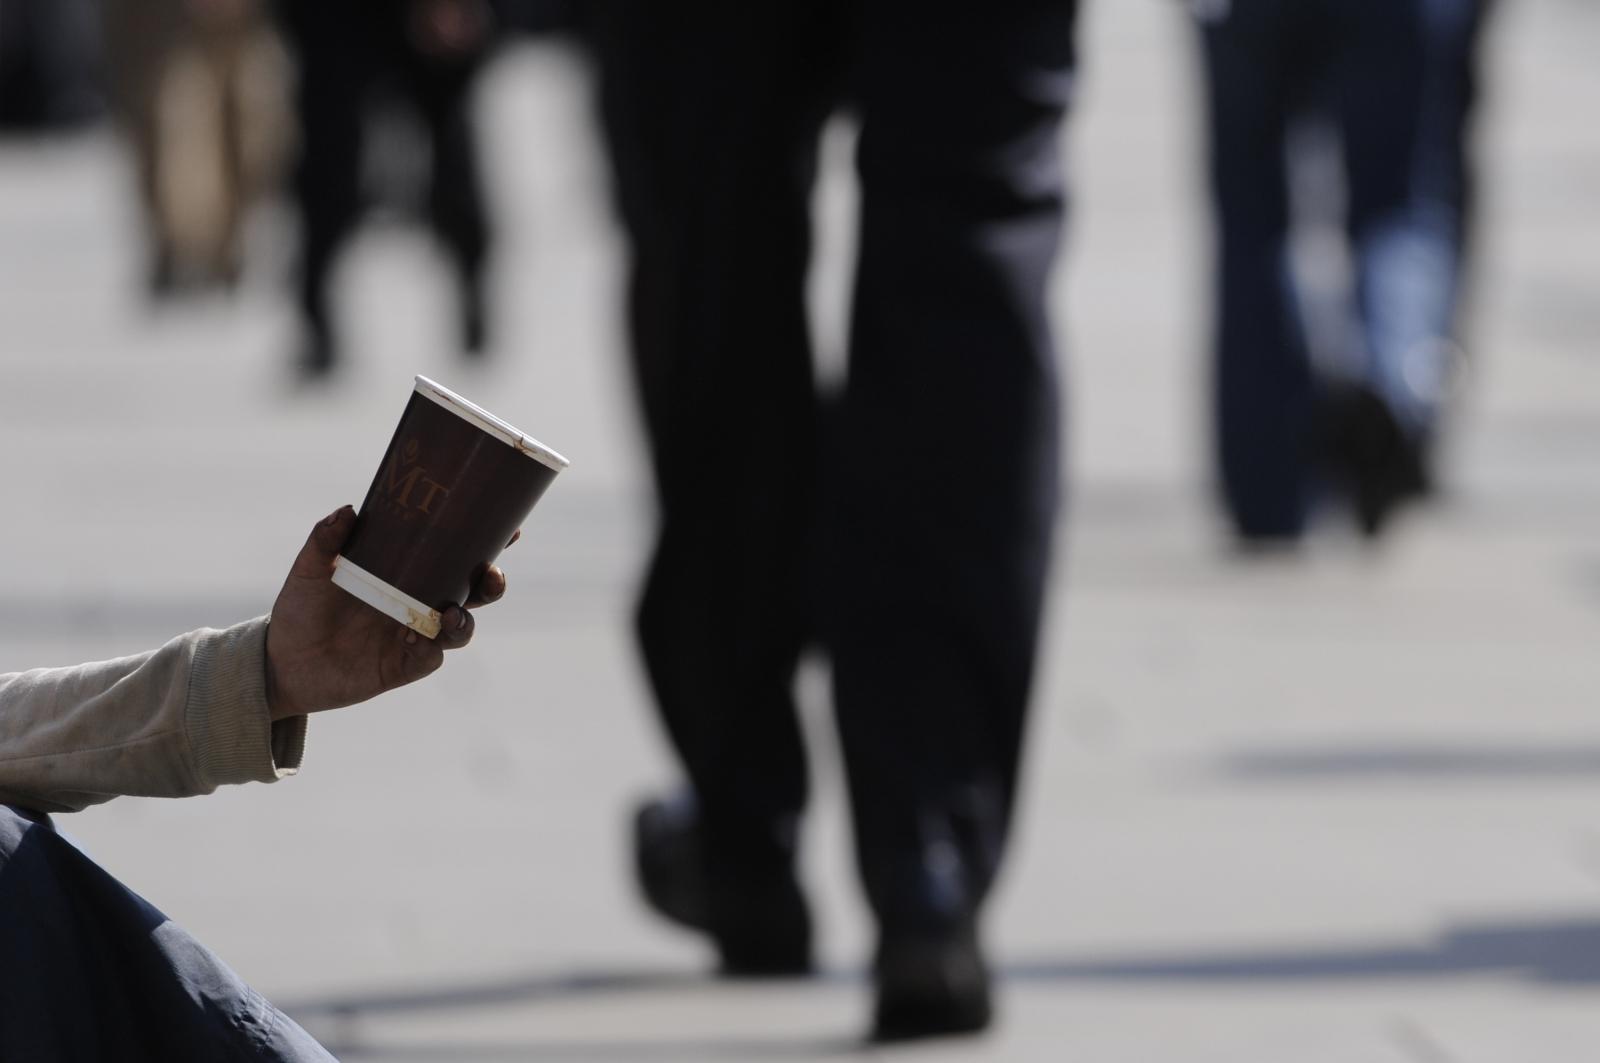 begging london child trafficking